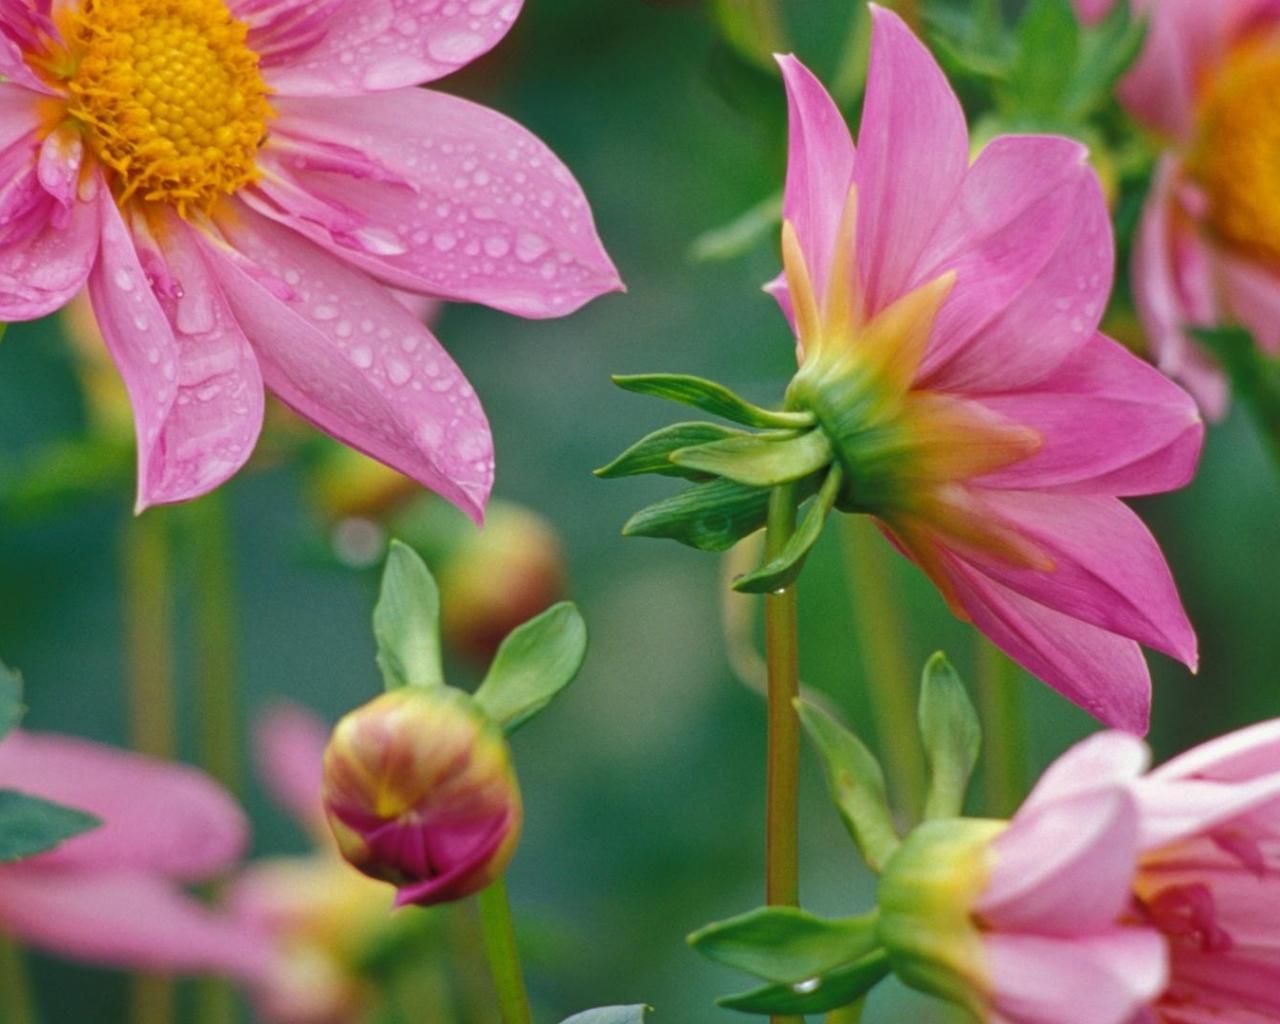 Flores rosadas - 1280x1024